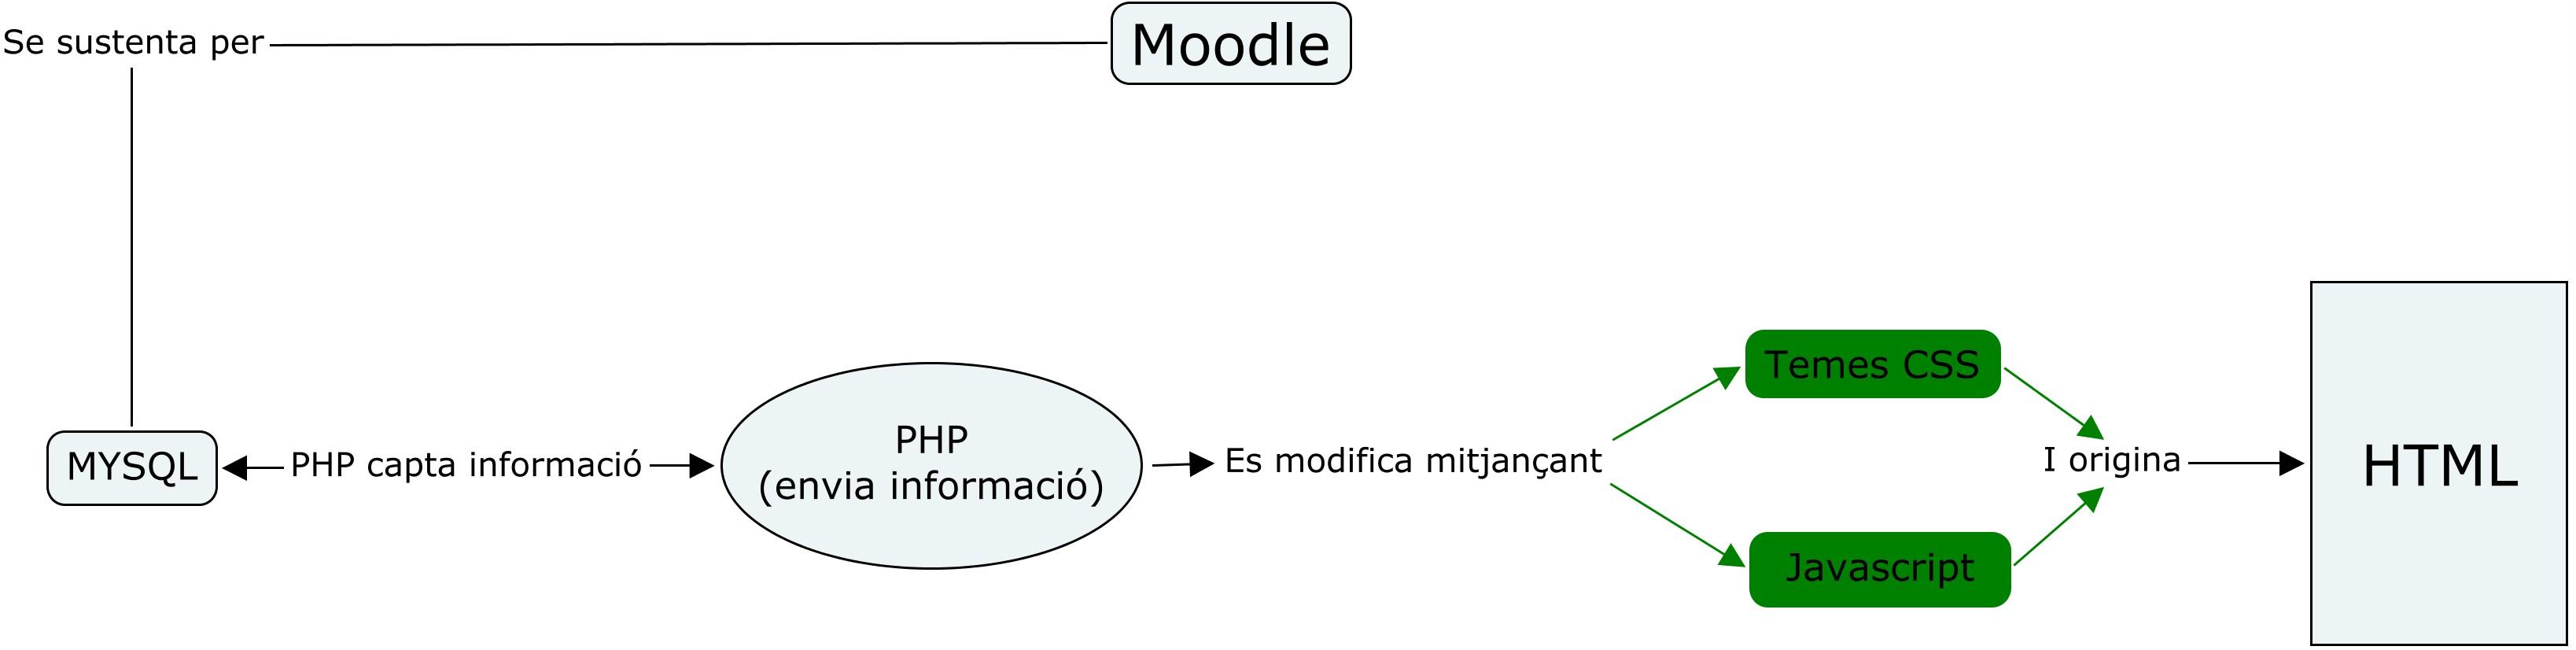 Modificació del Moodle usada per a la implementació